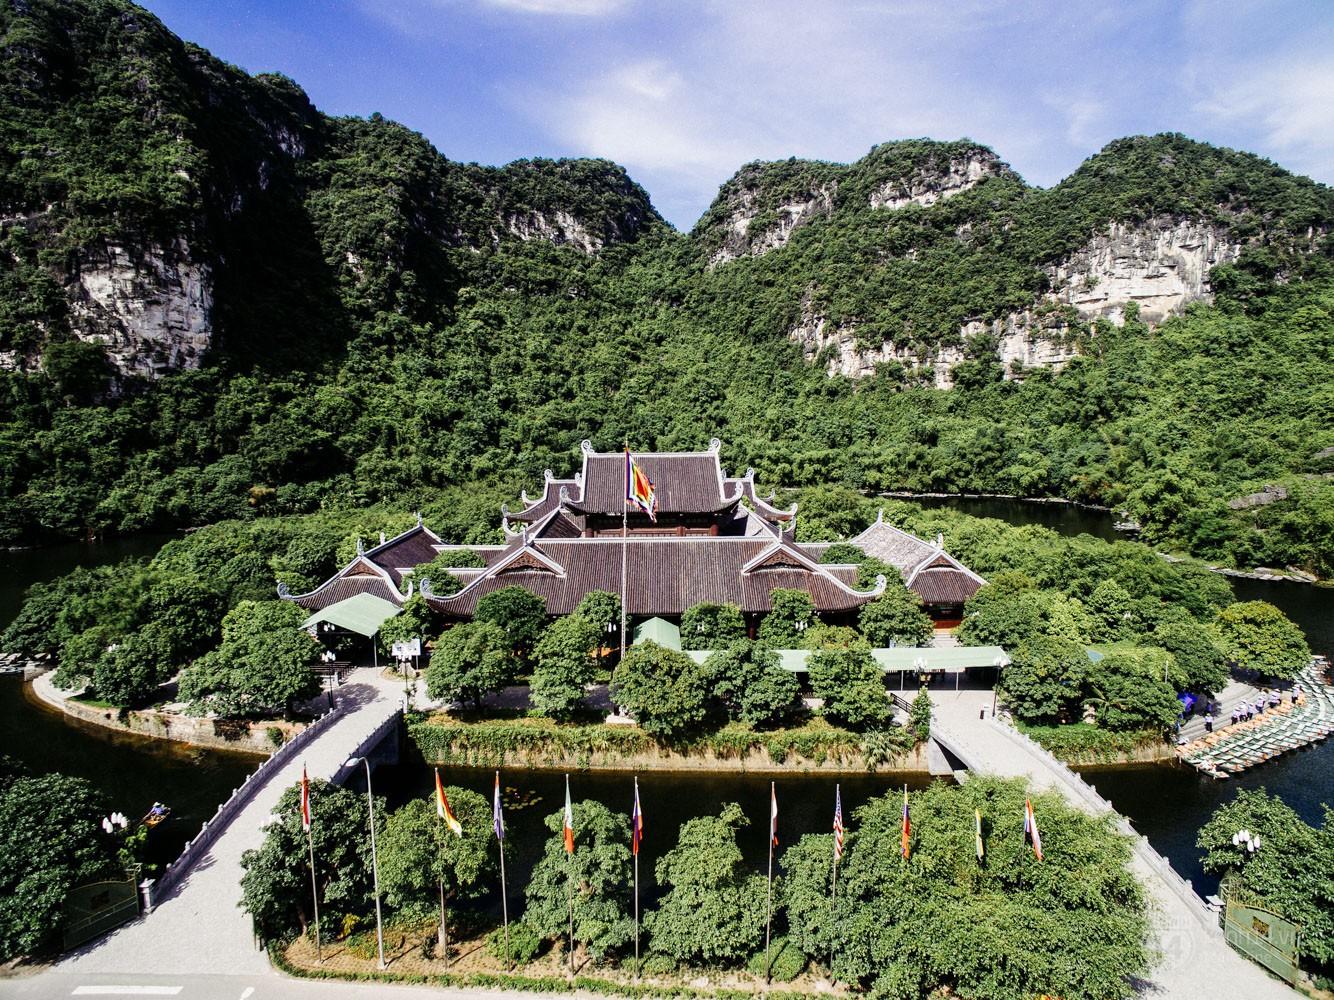 Tưởng chán muốn xỉu, nhưng 4 địa điểm này lại sắp trở thành những thiên đường mới của Việt Nam rồi đấy! - Ảnh 31.